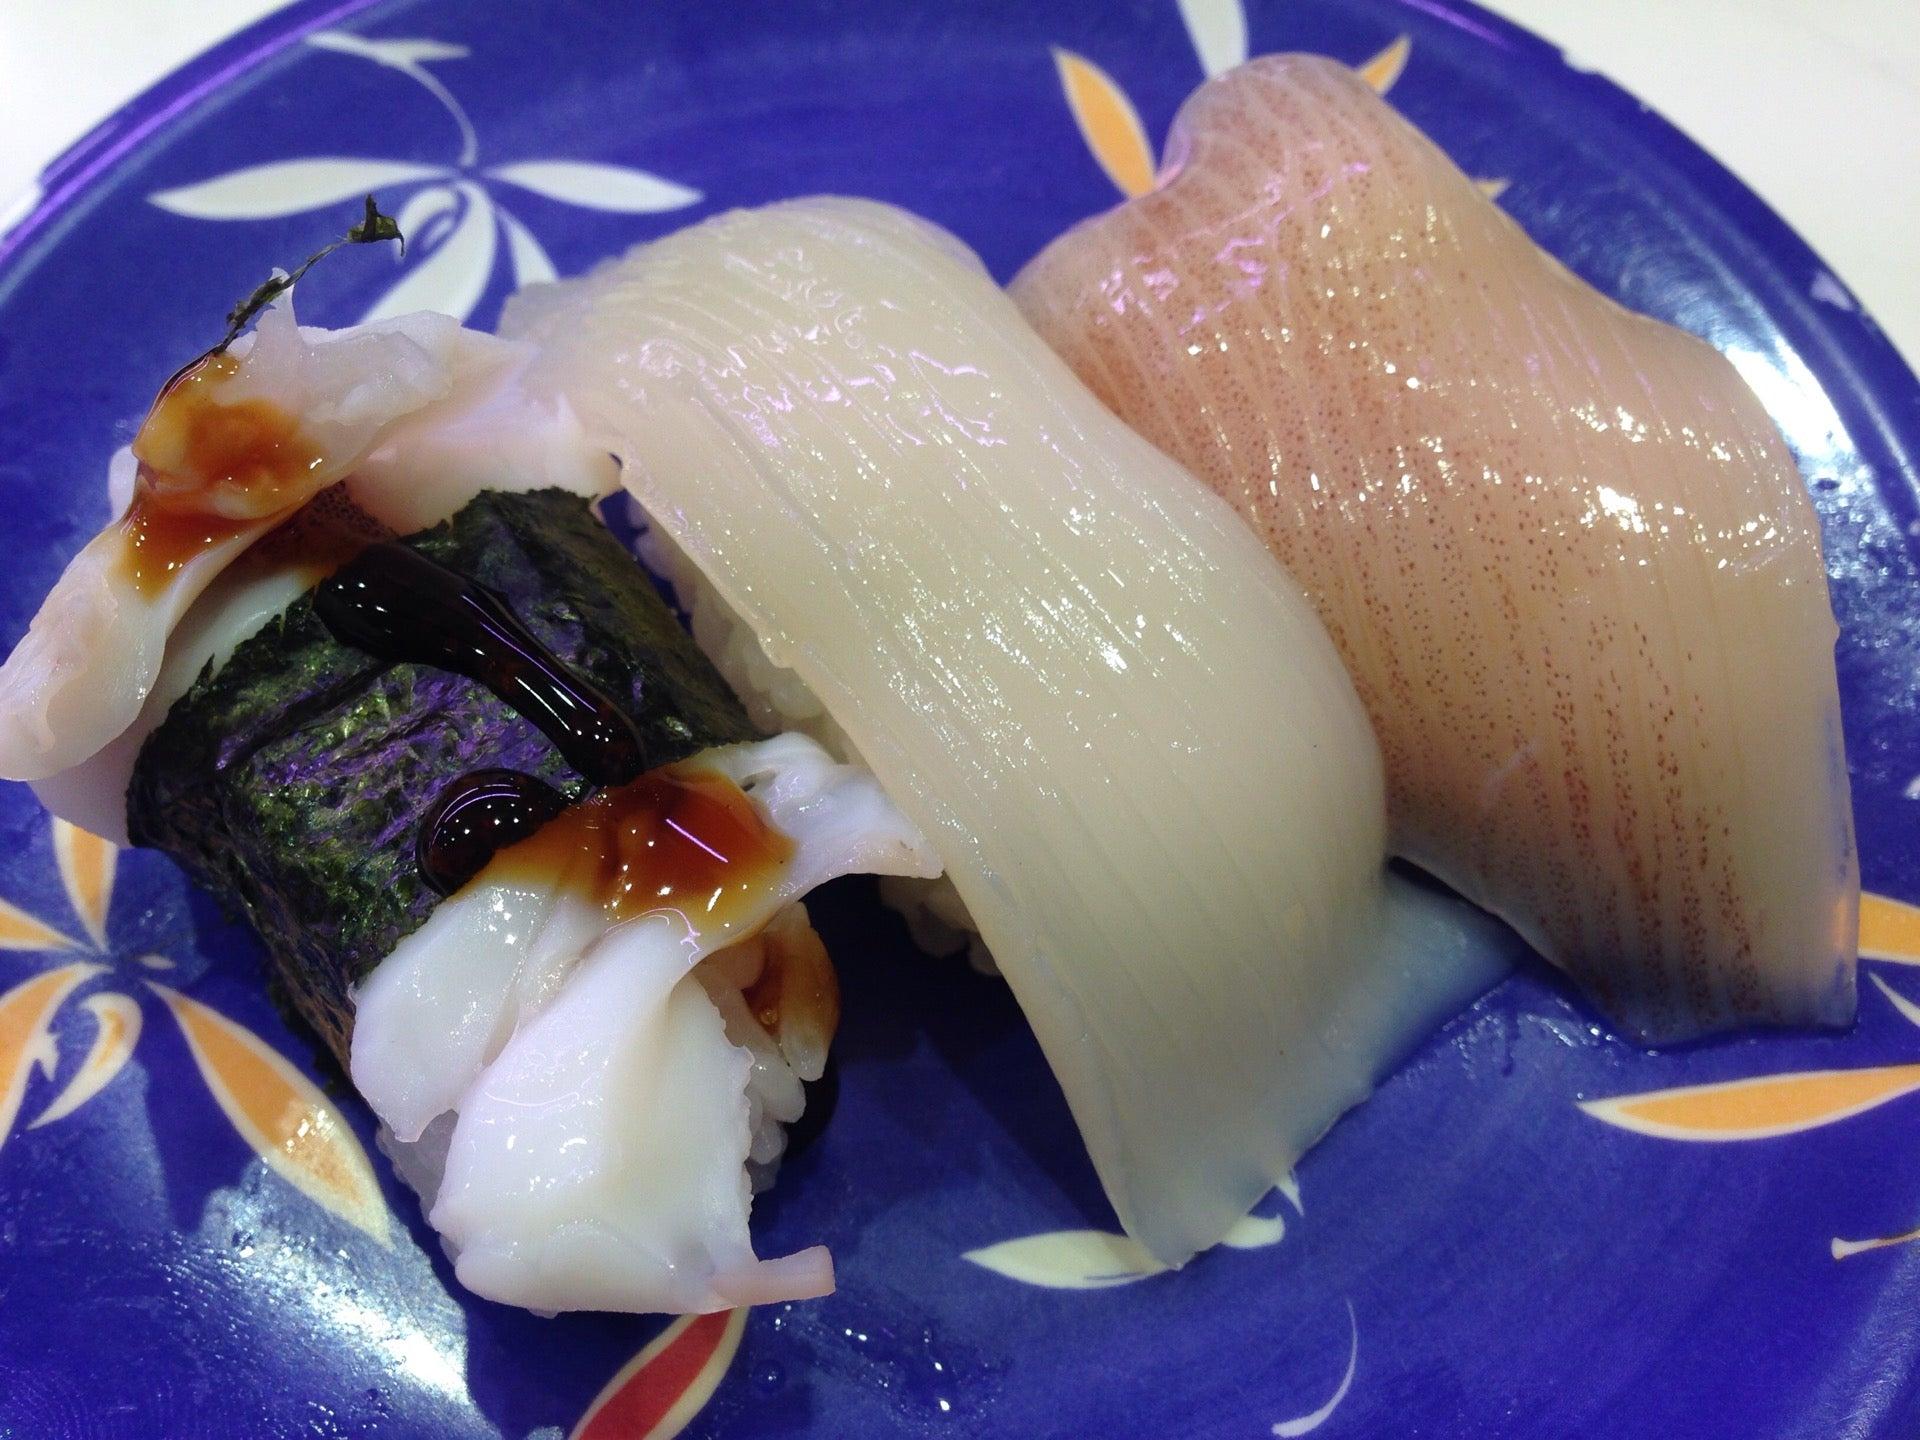 相片 - 位于目黒的海鮮三崎港 目黒店 | Seafood - 東京